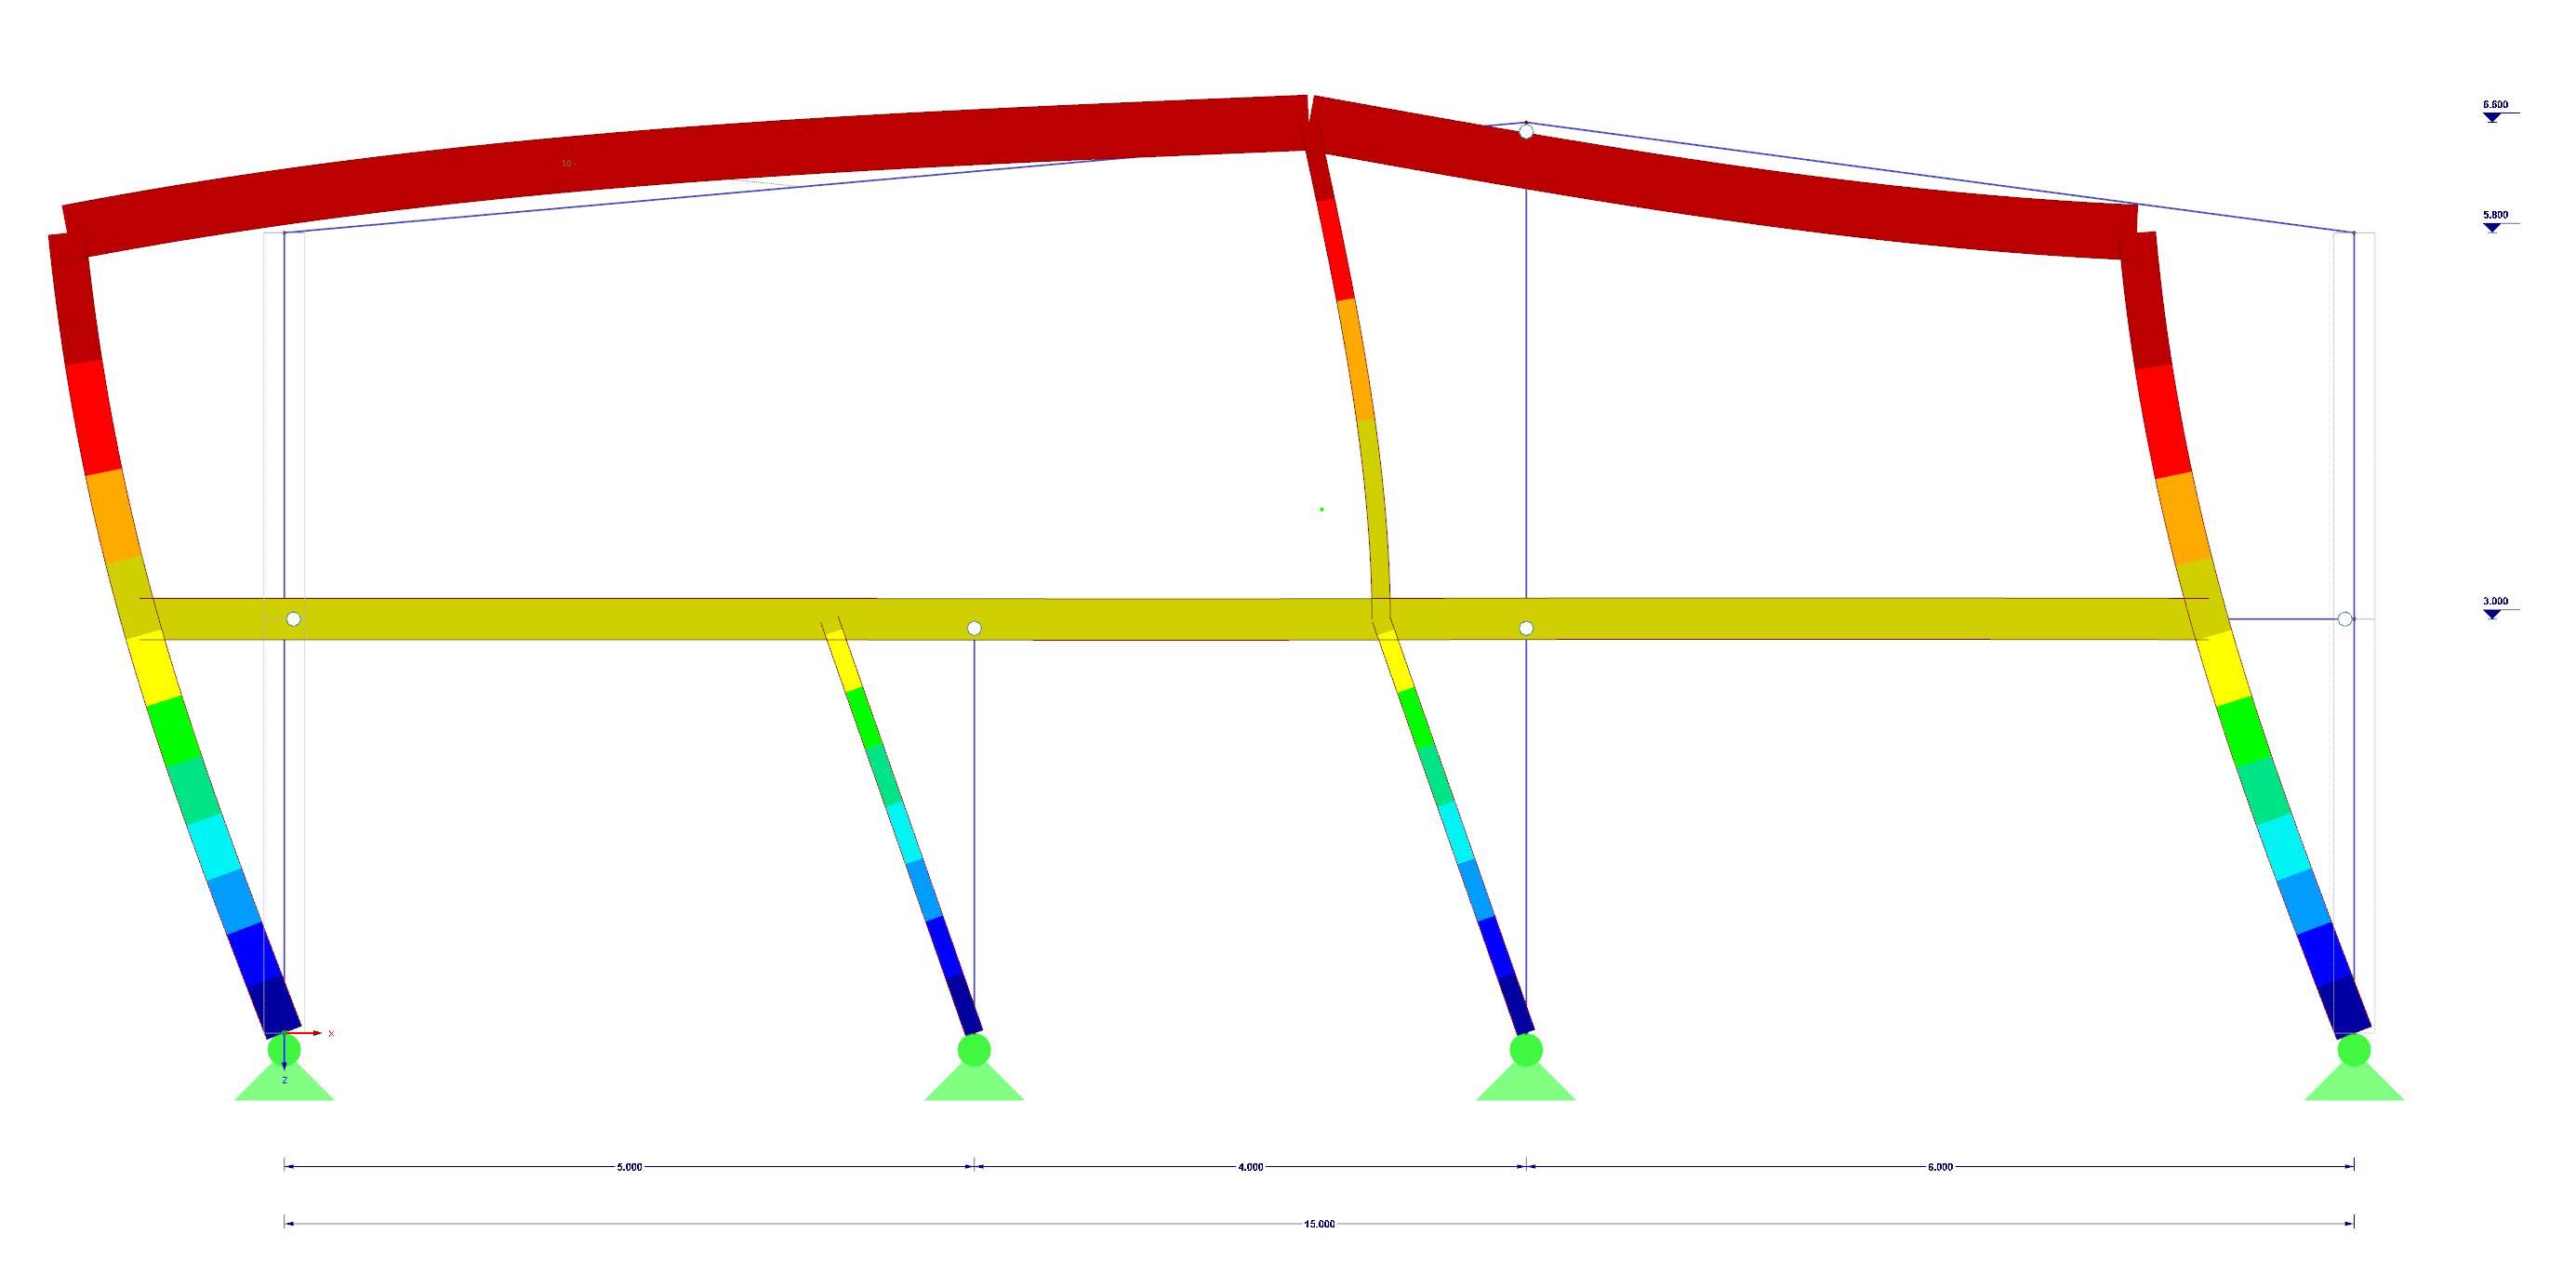 Kniklengtes berekenen met RF-STABILITY en RFEM rekensoftware